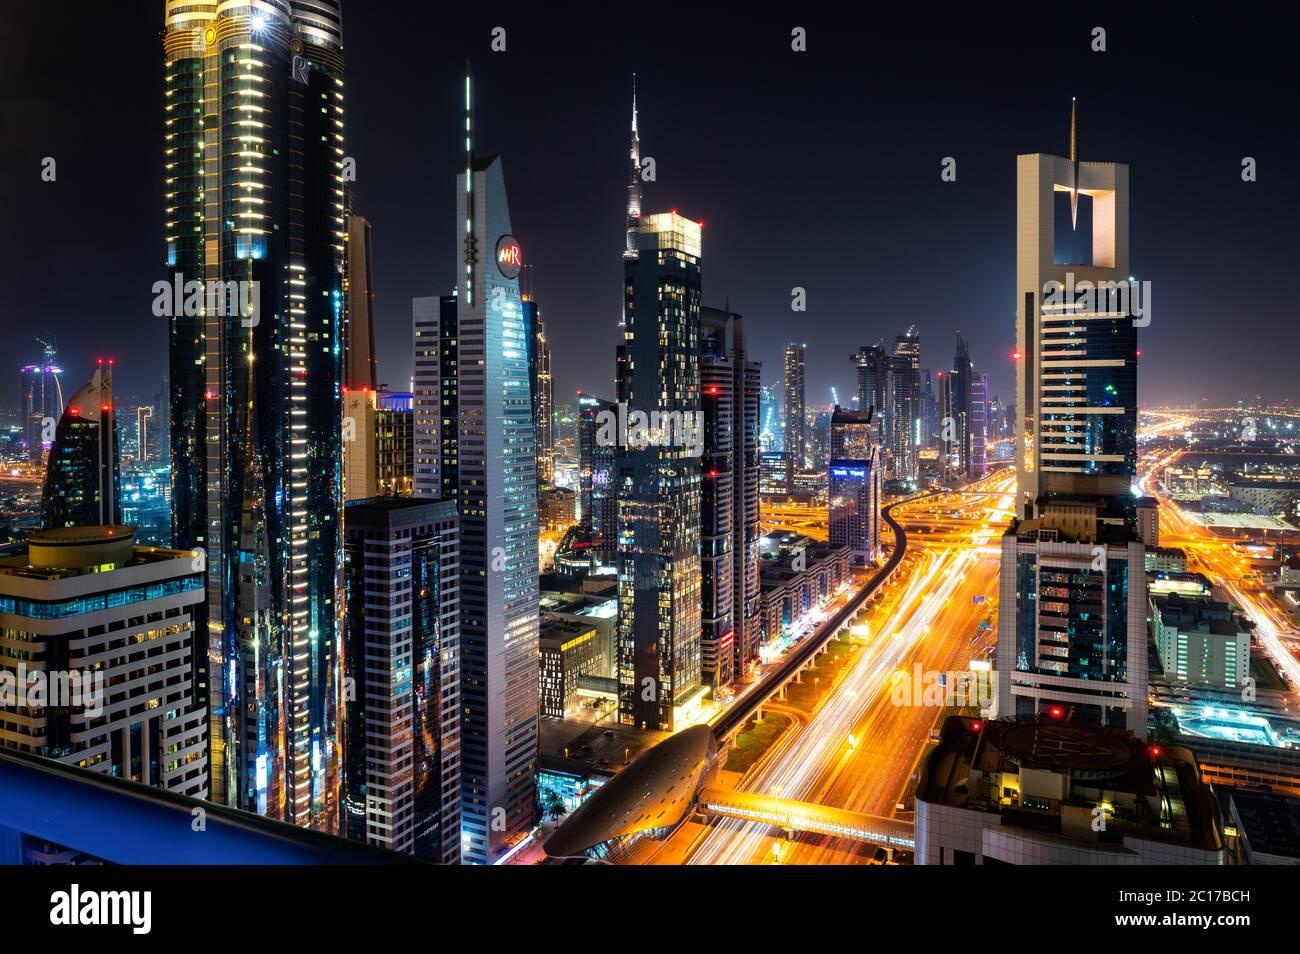 Die Stadt Dubai in den Vereinigten Arabischen Emiraten Stockfoto